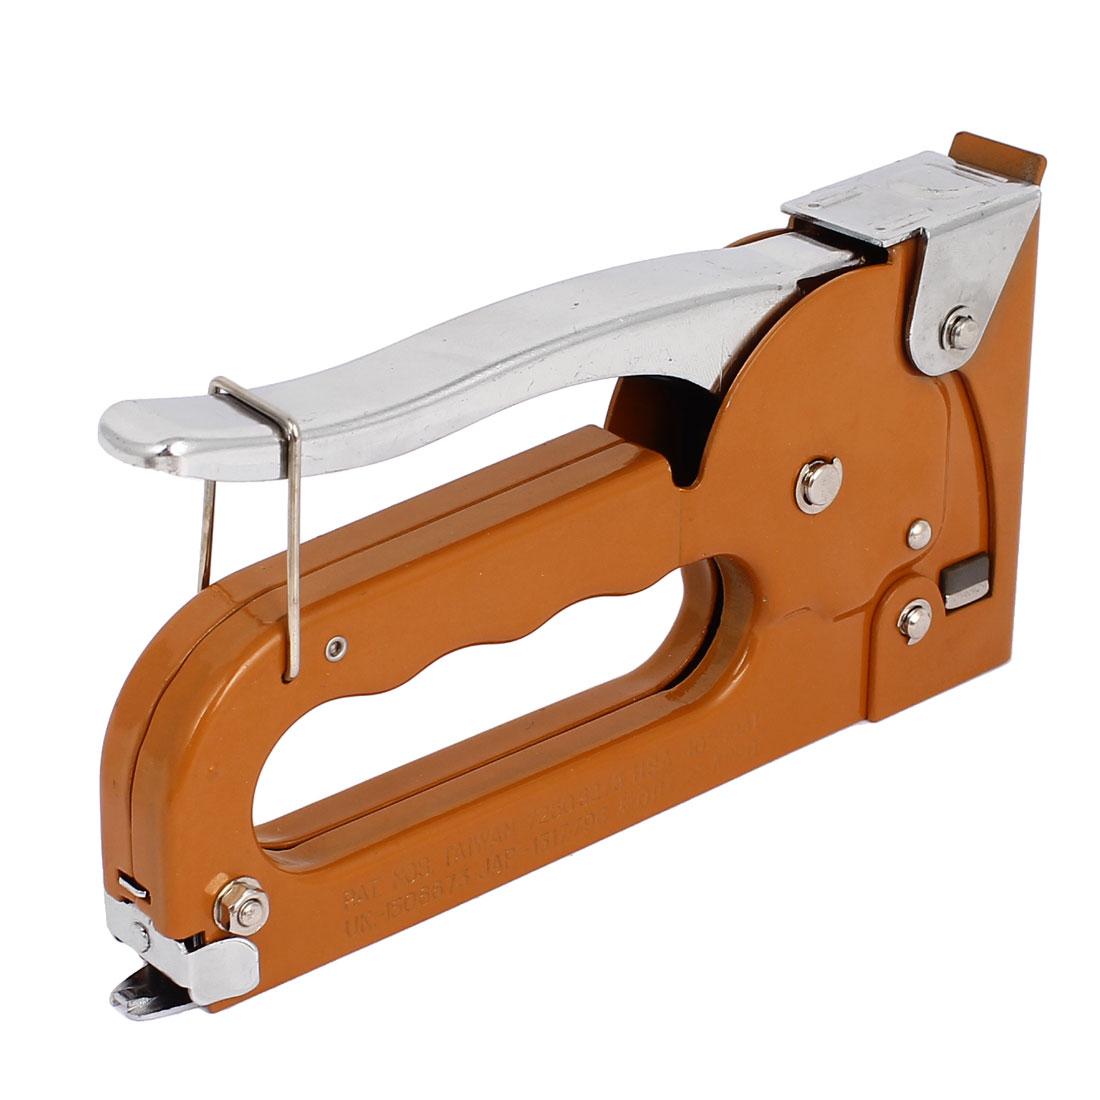 Home Office Multi Purpose Staple Gun Tacker Stapler Tool w Standard Staples